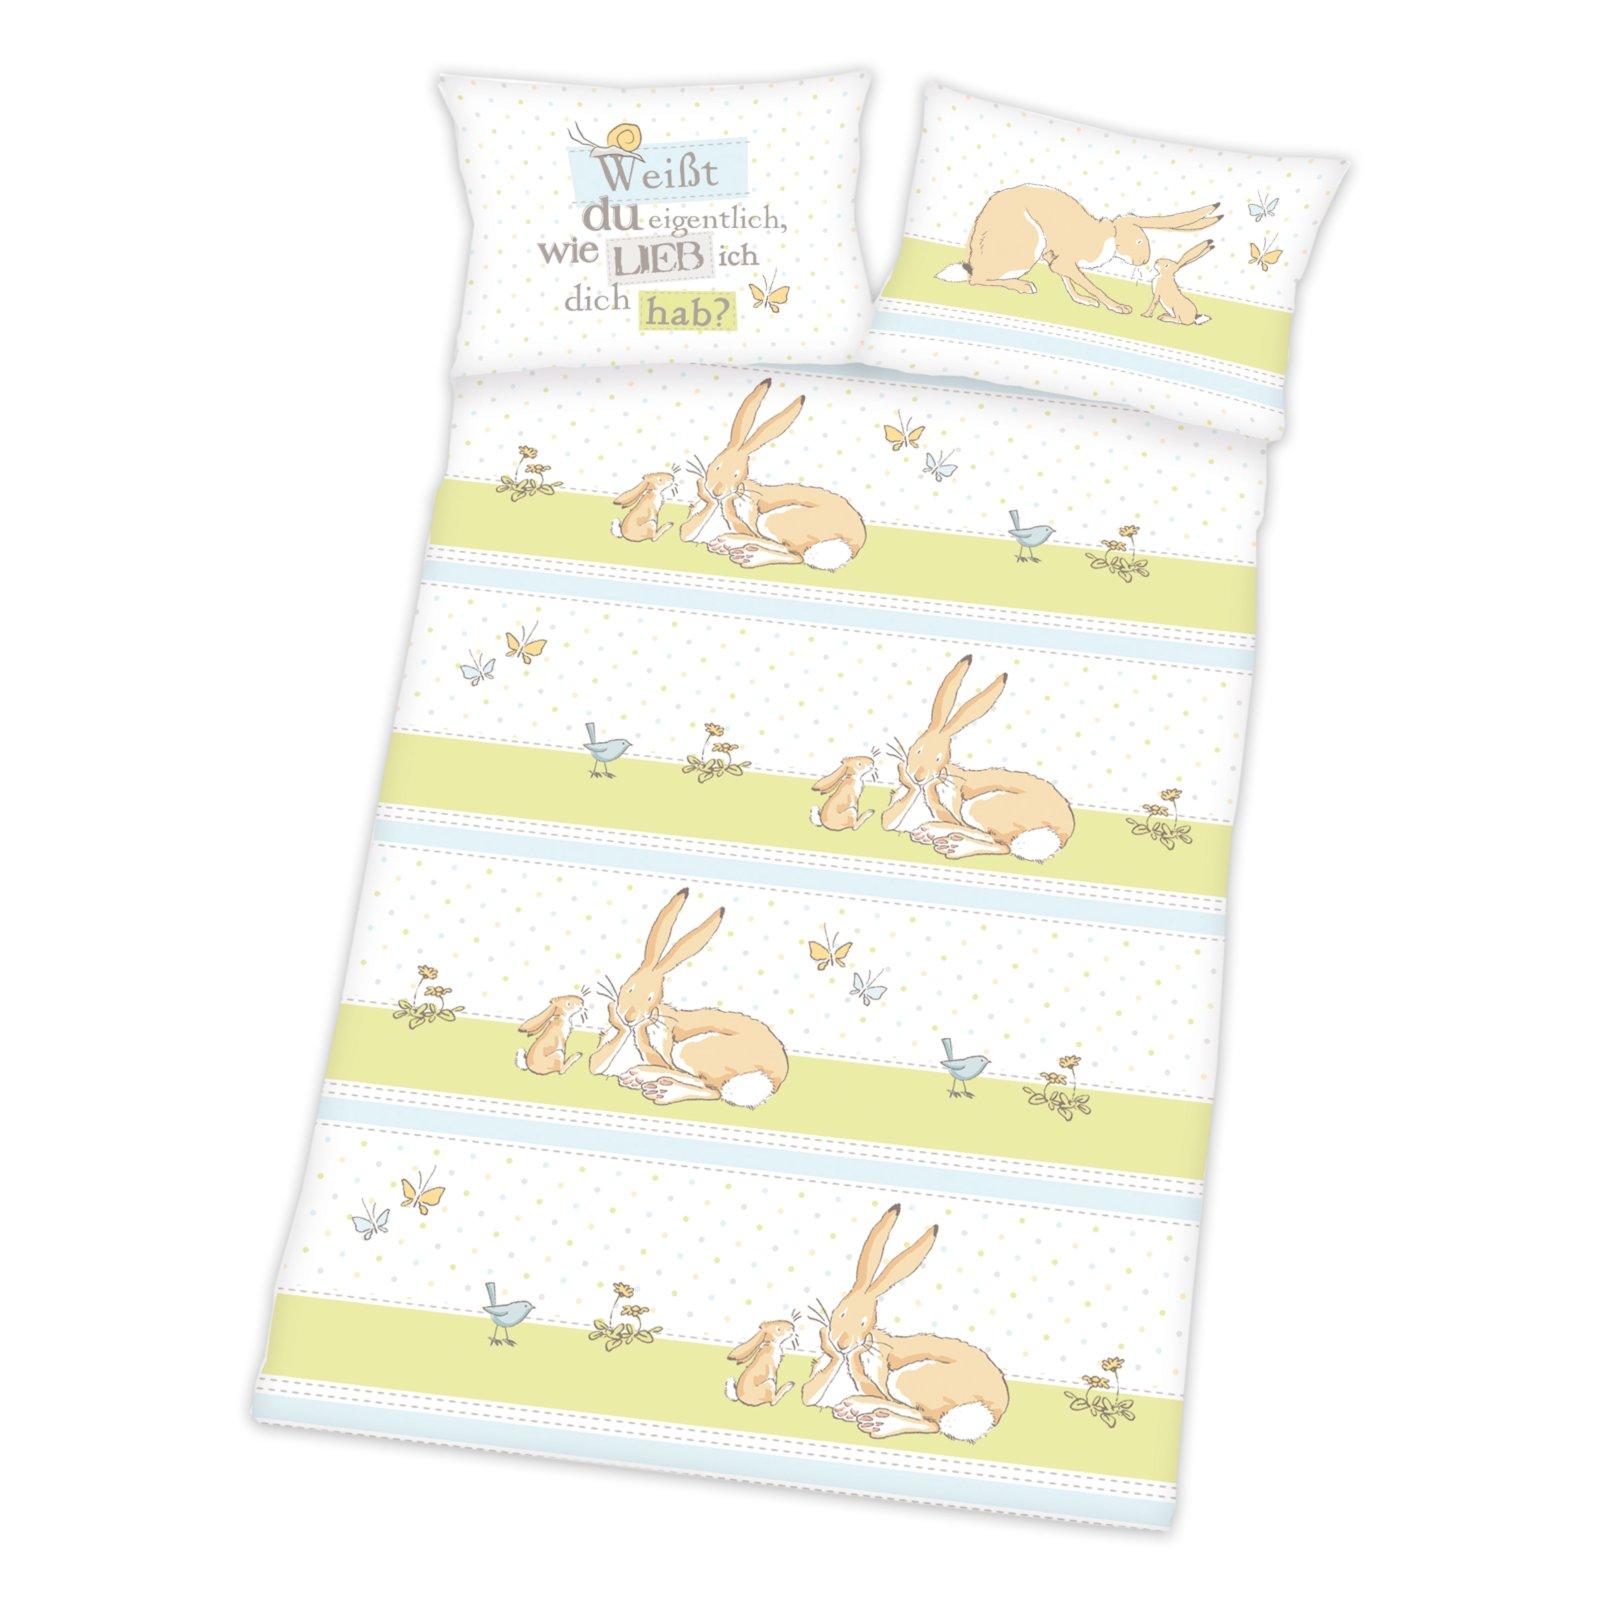 Baby Biber Bettwäsche Hase Wie Lieb Ich Dich Hab 100x135 Cm